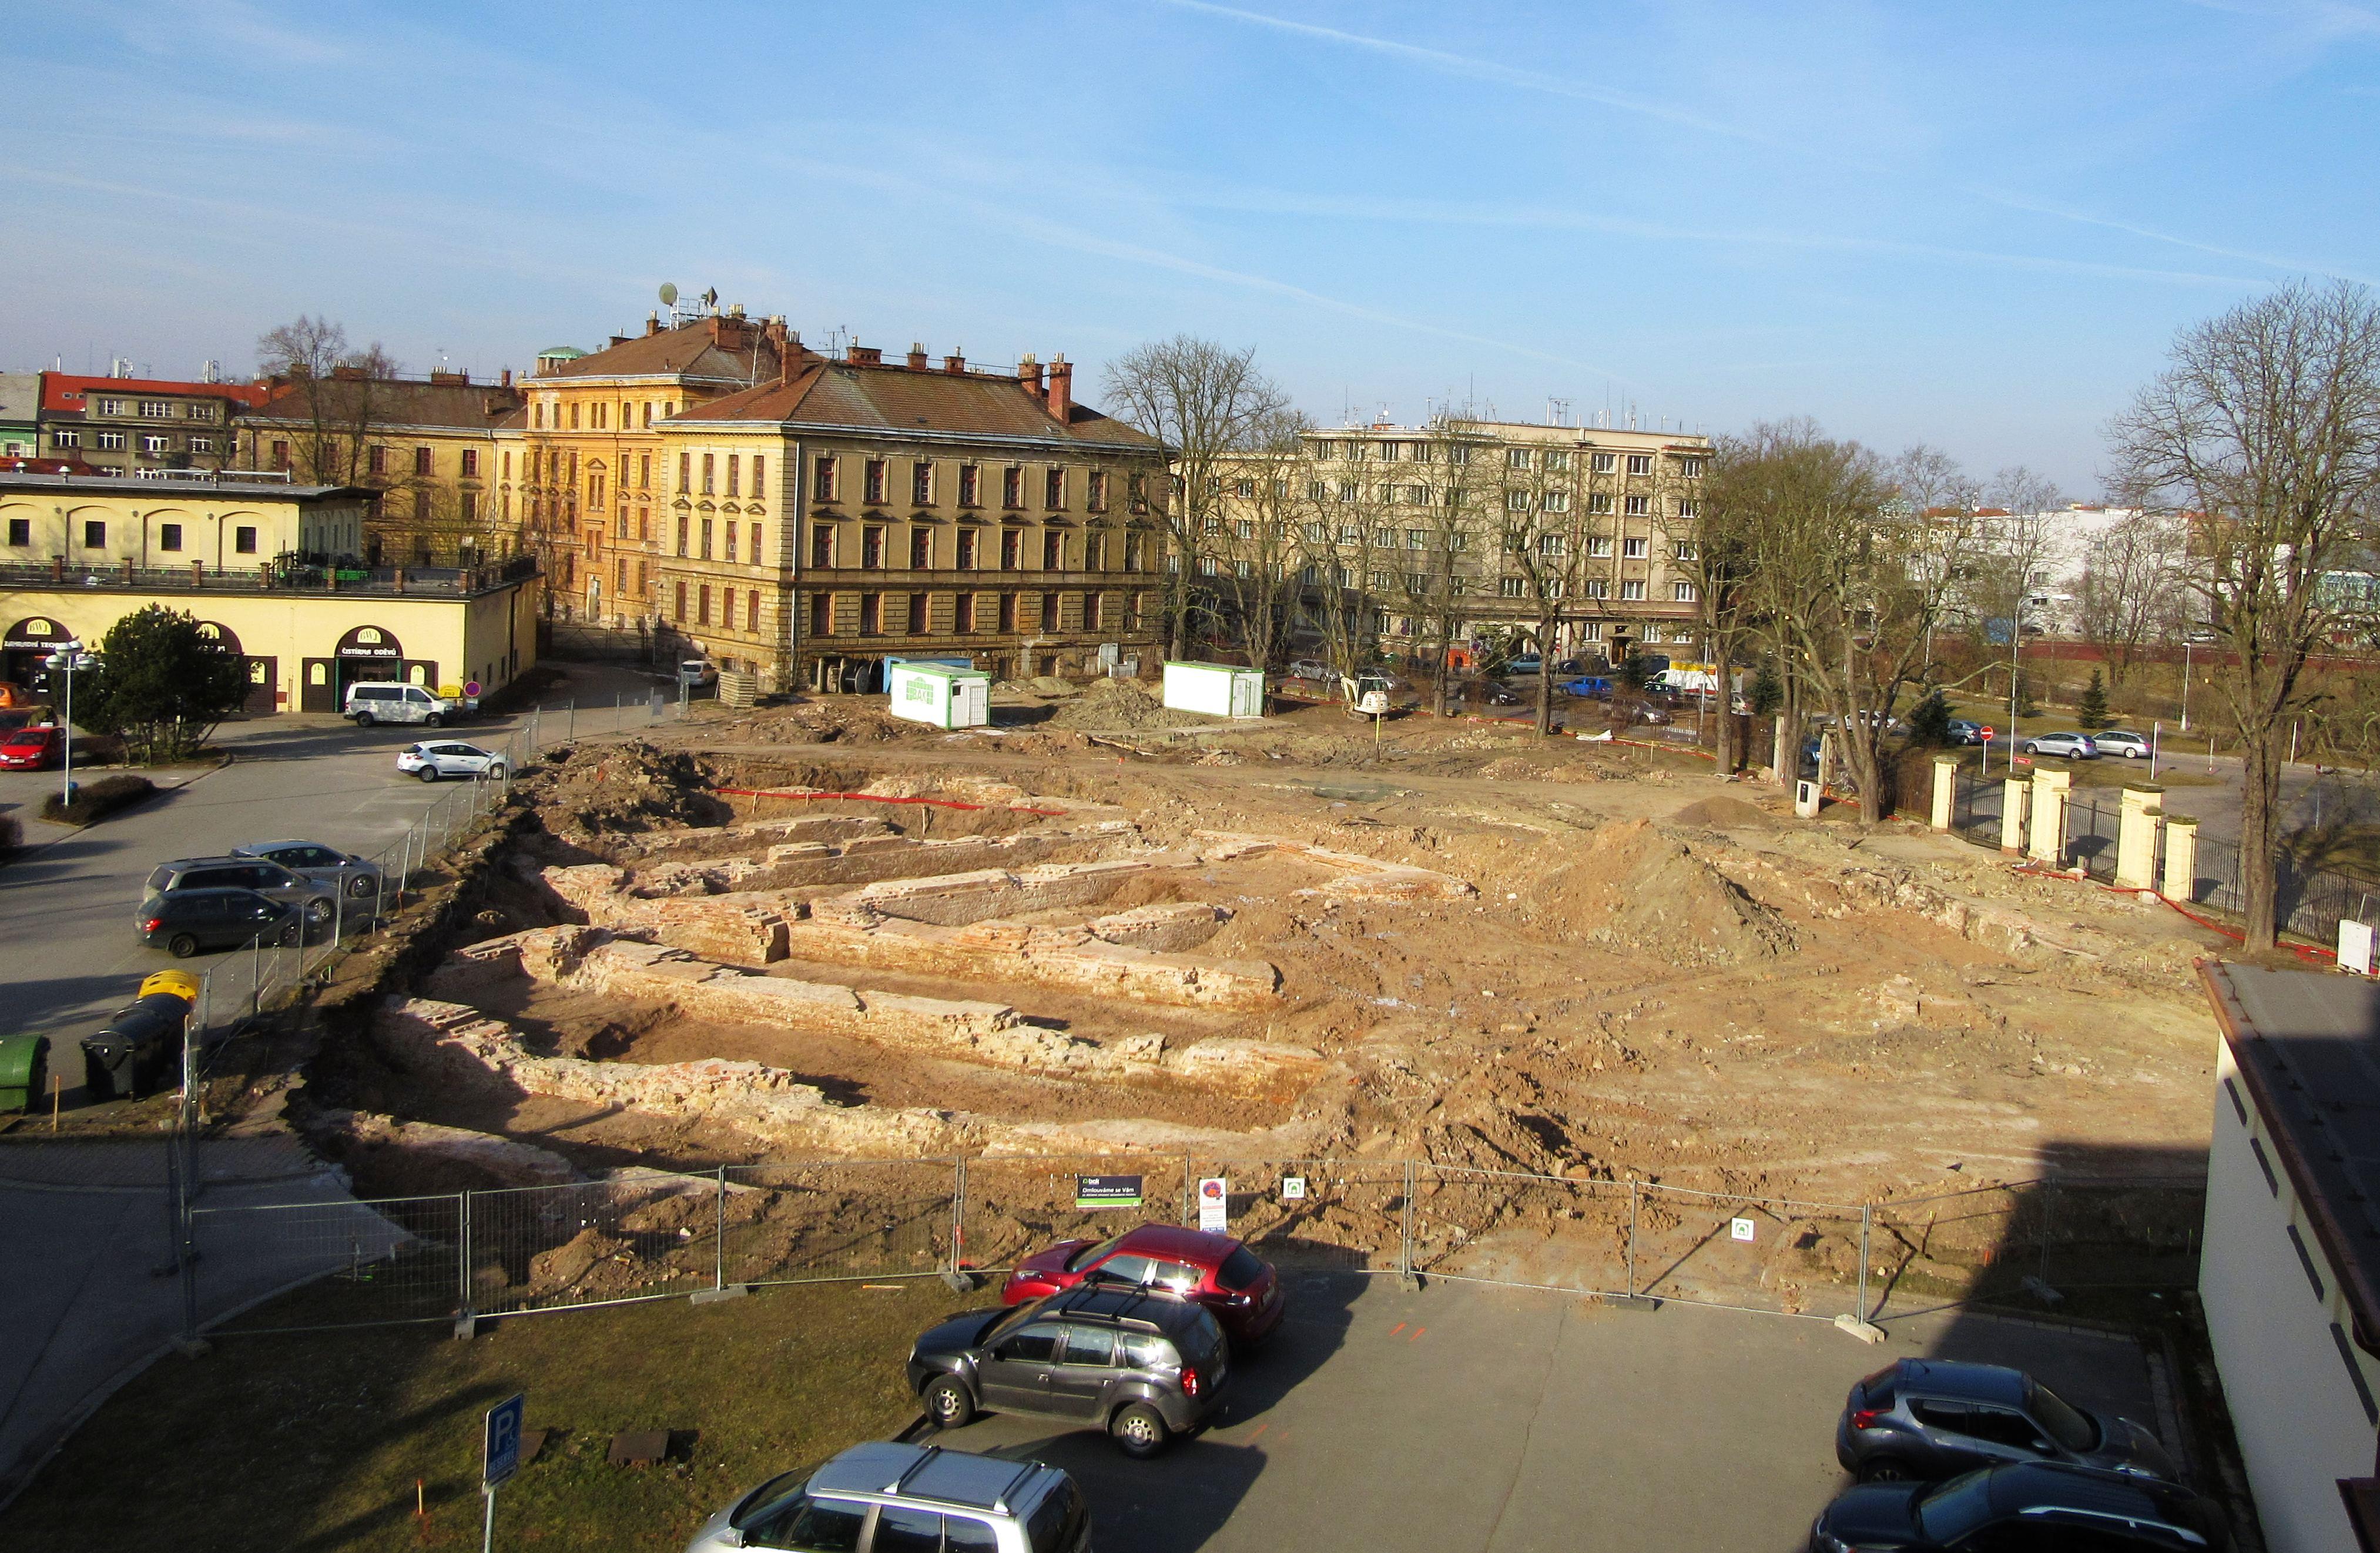 Archeologům se podařilo v Hradci Králové odkrýt část bývalého kavalíru